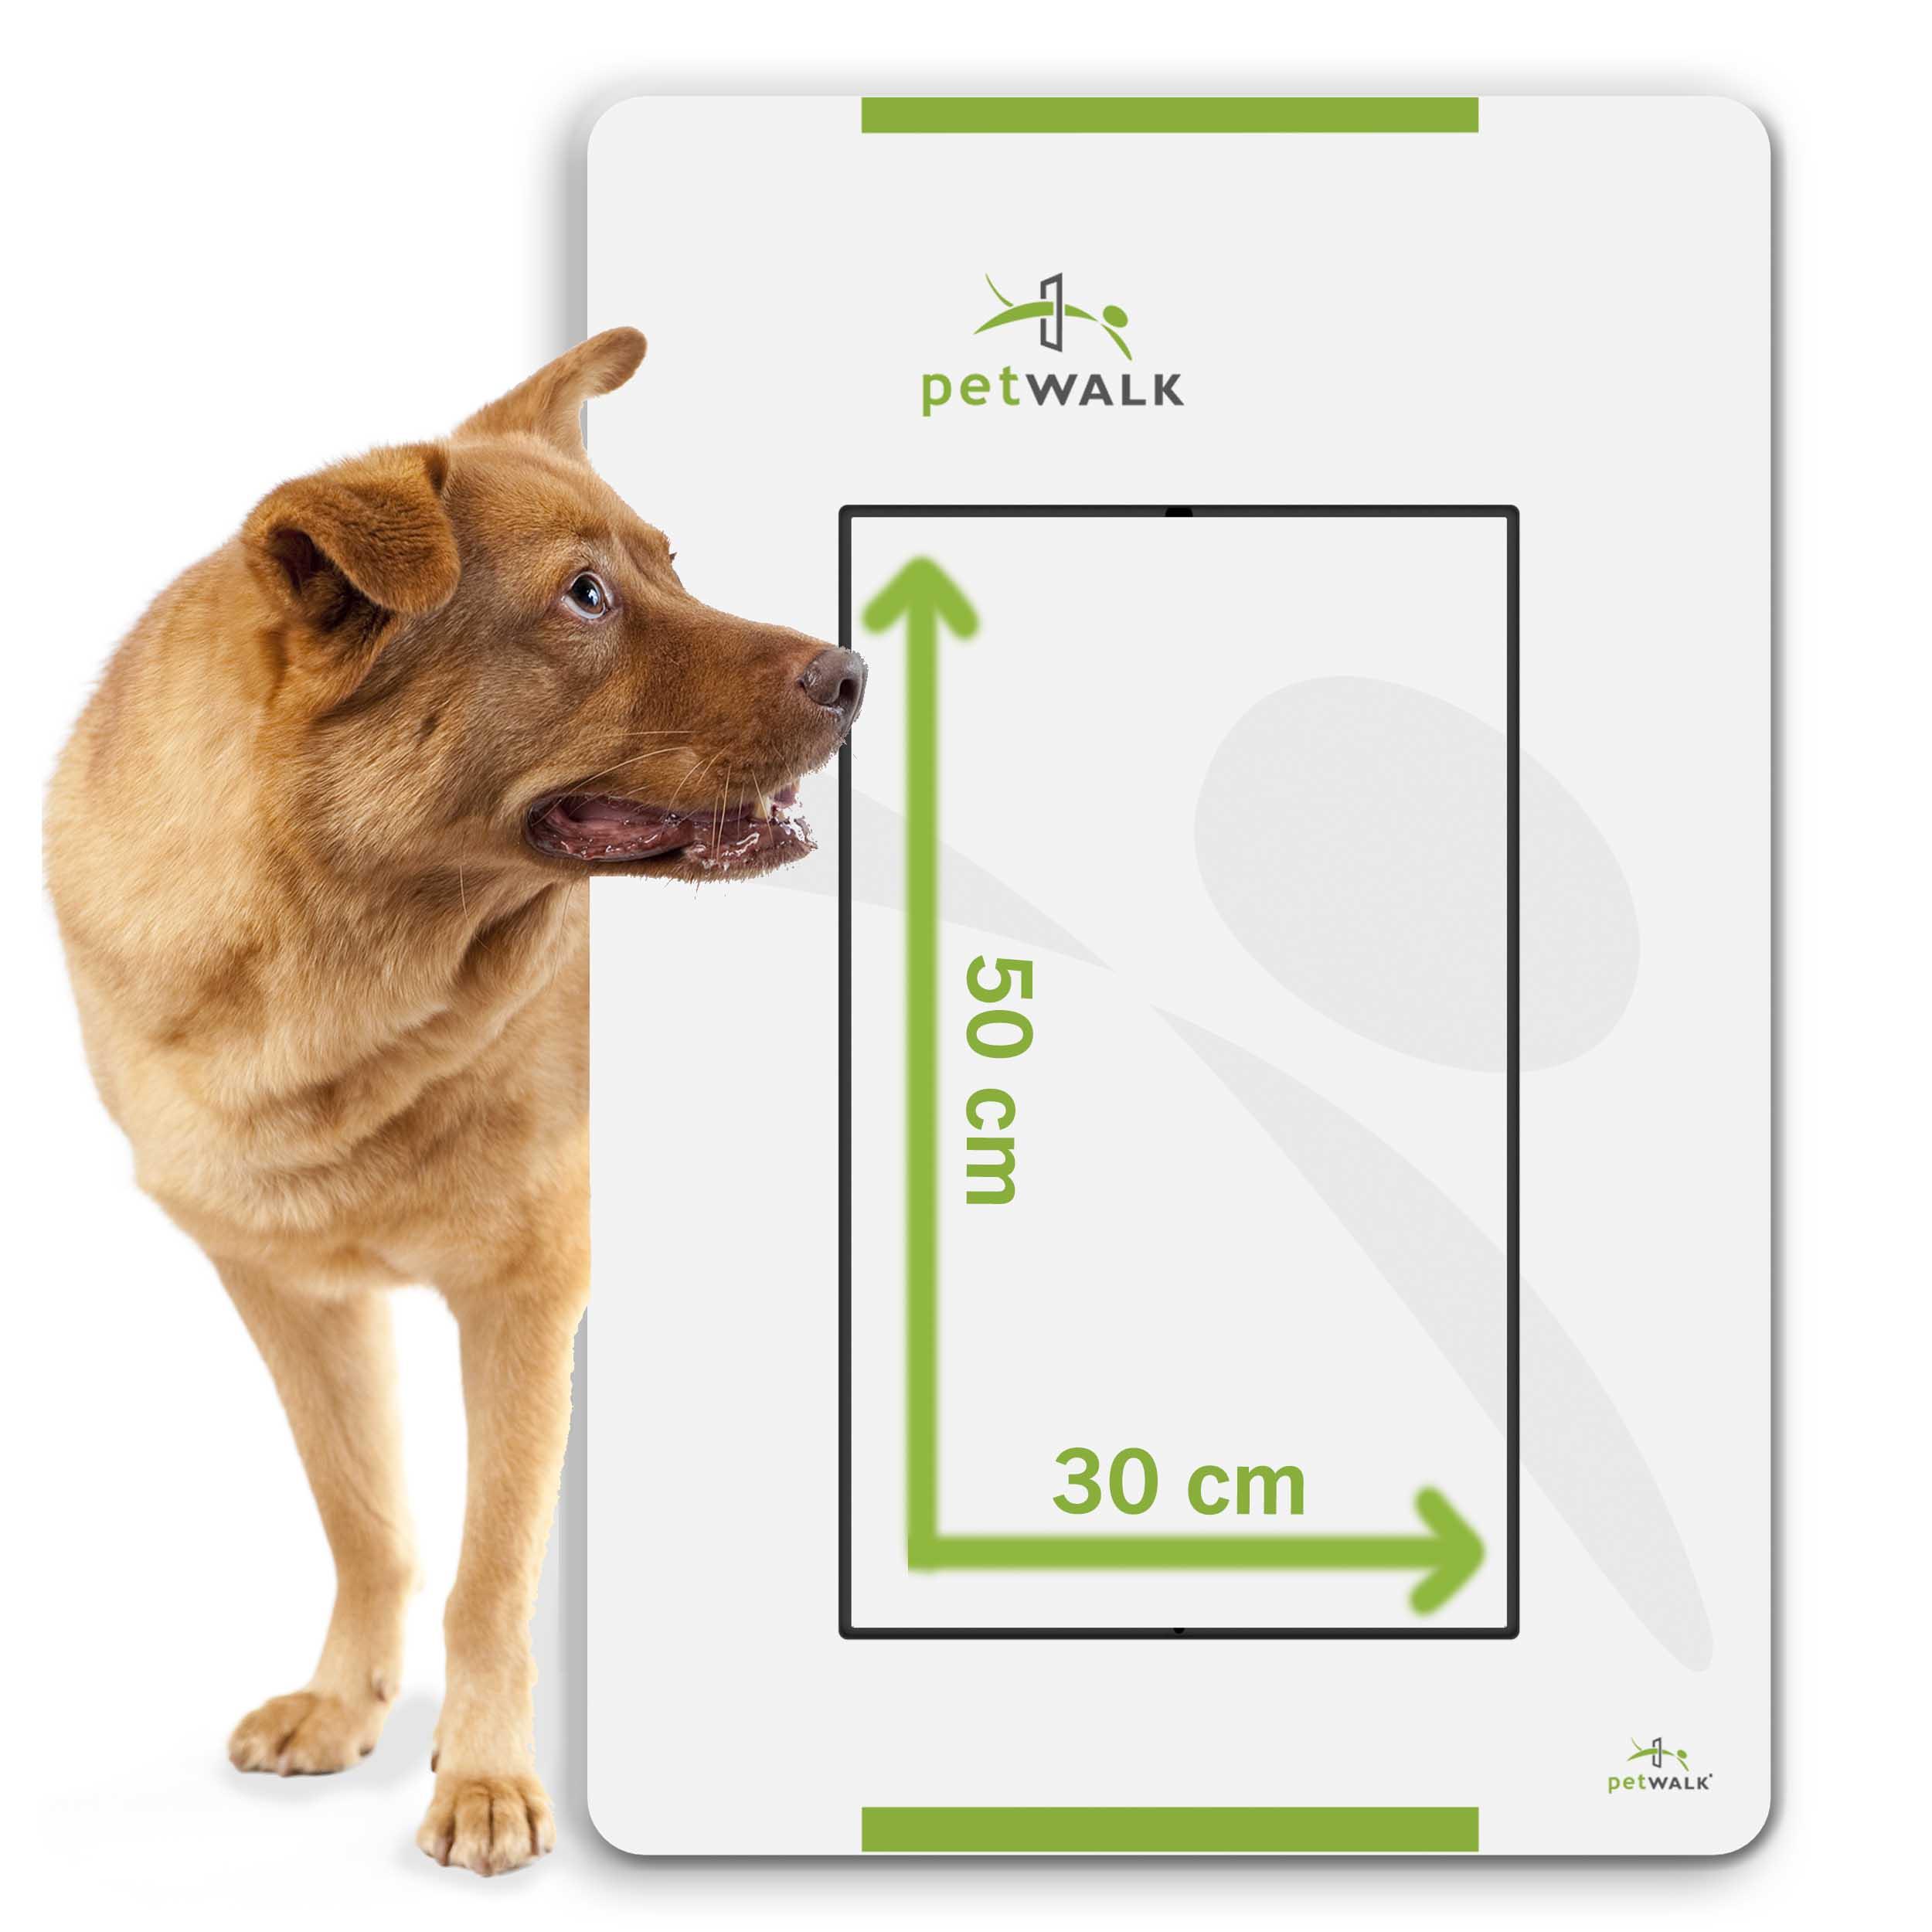 petWALK - Large